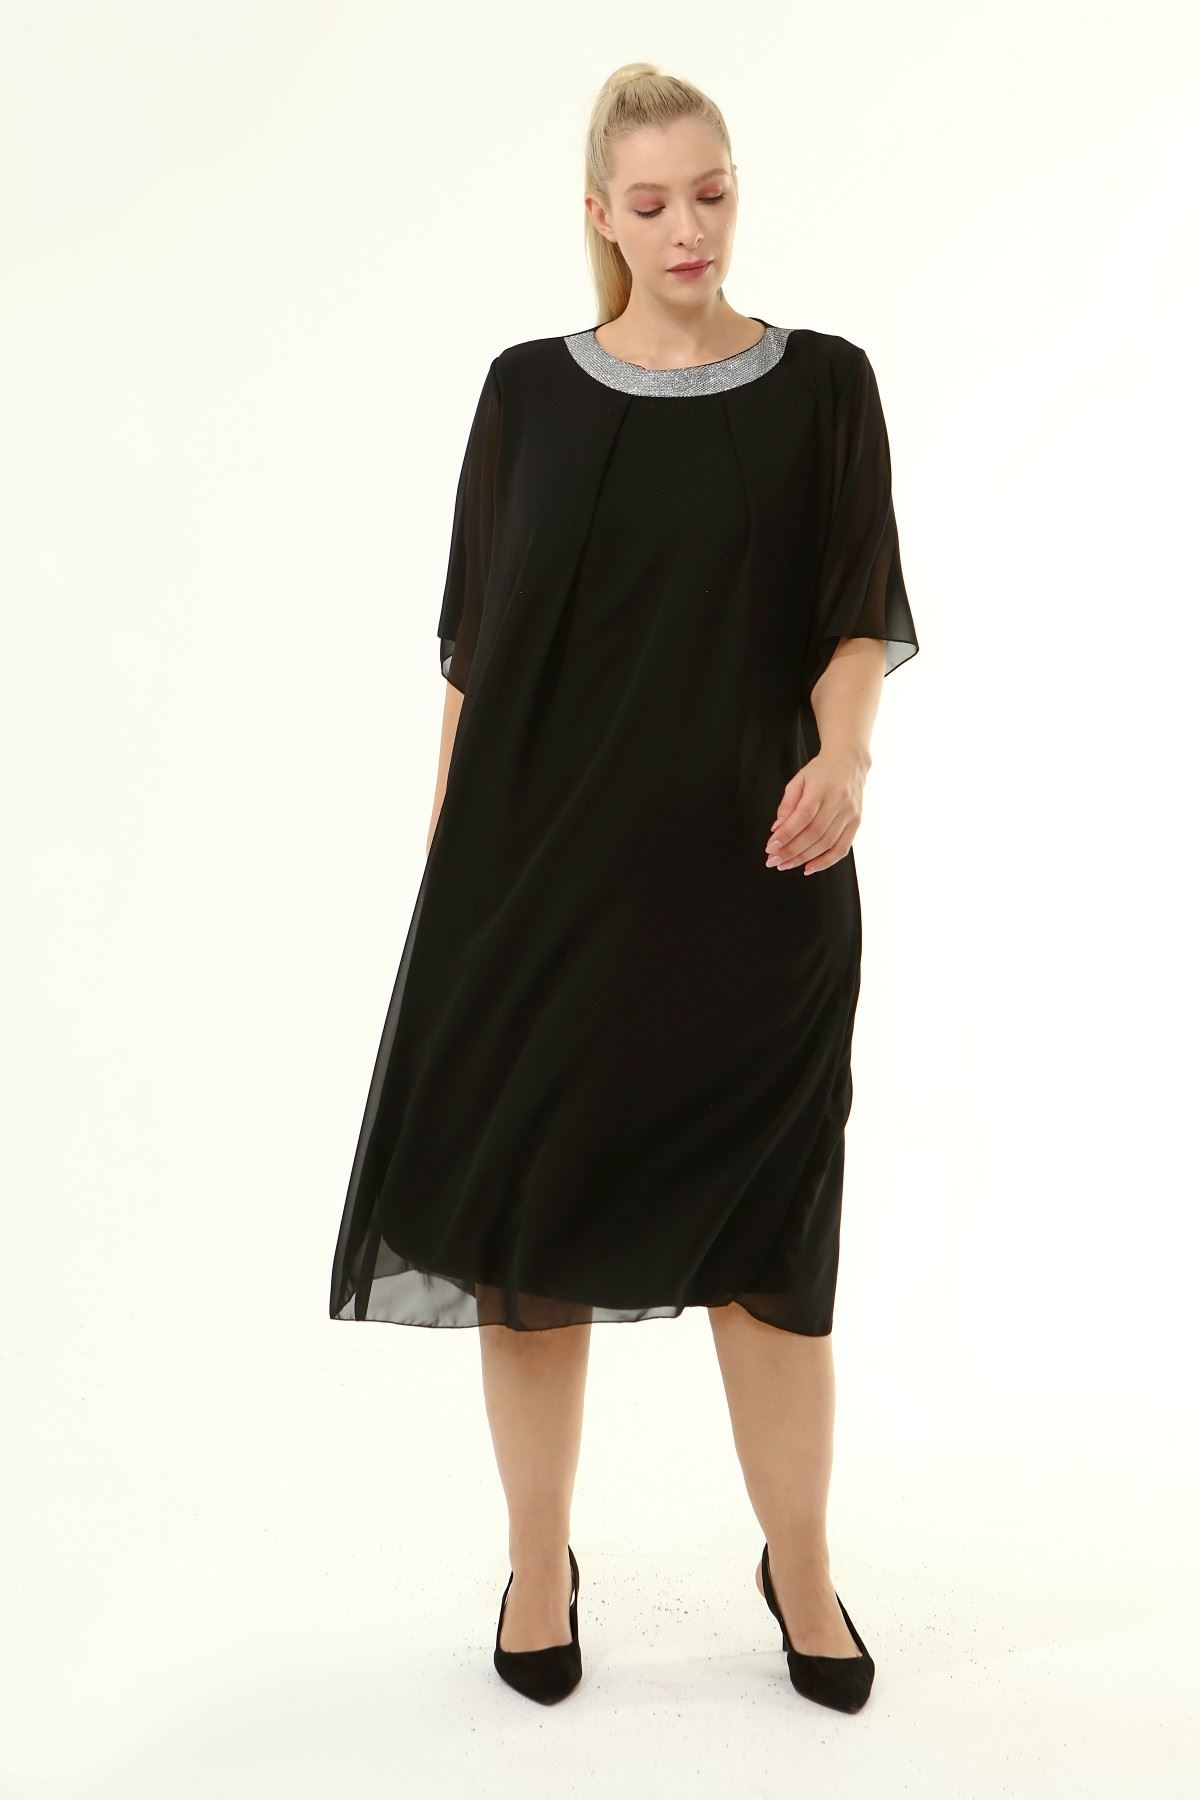 Büyük Beden Şifon Elbise 13D-1864